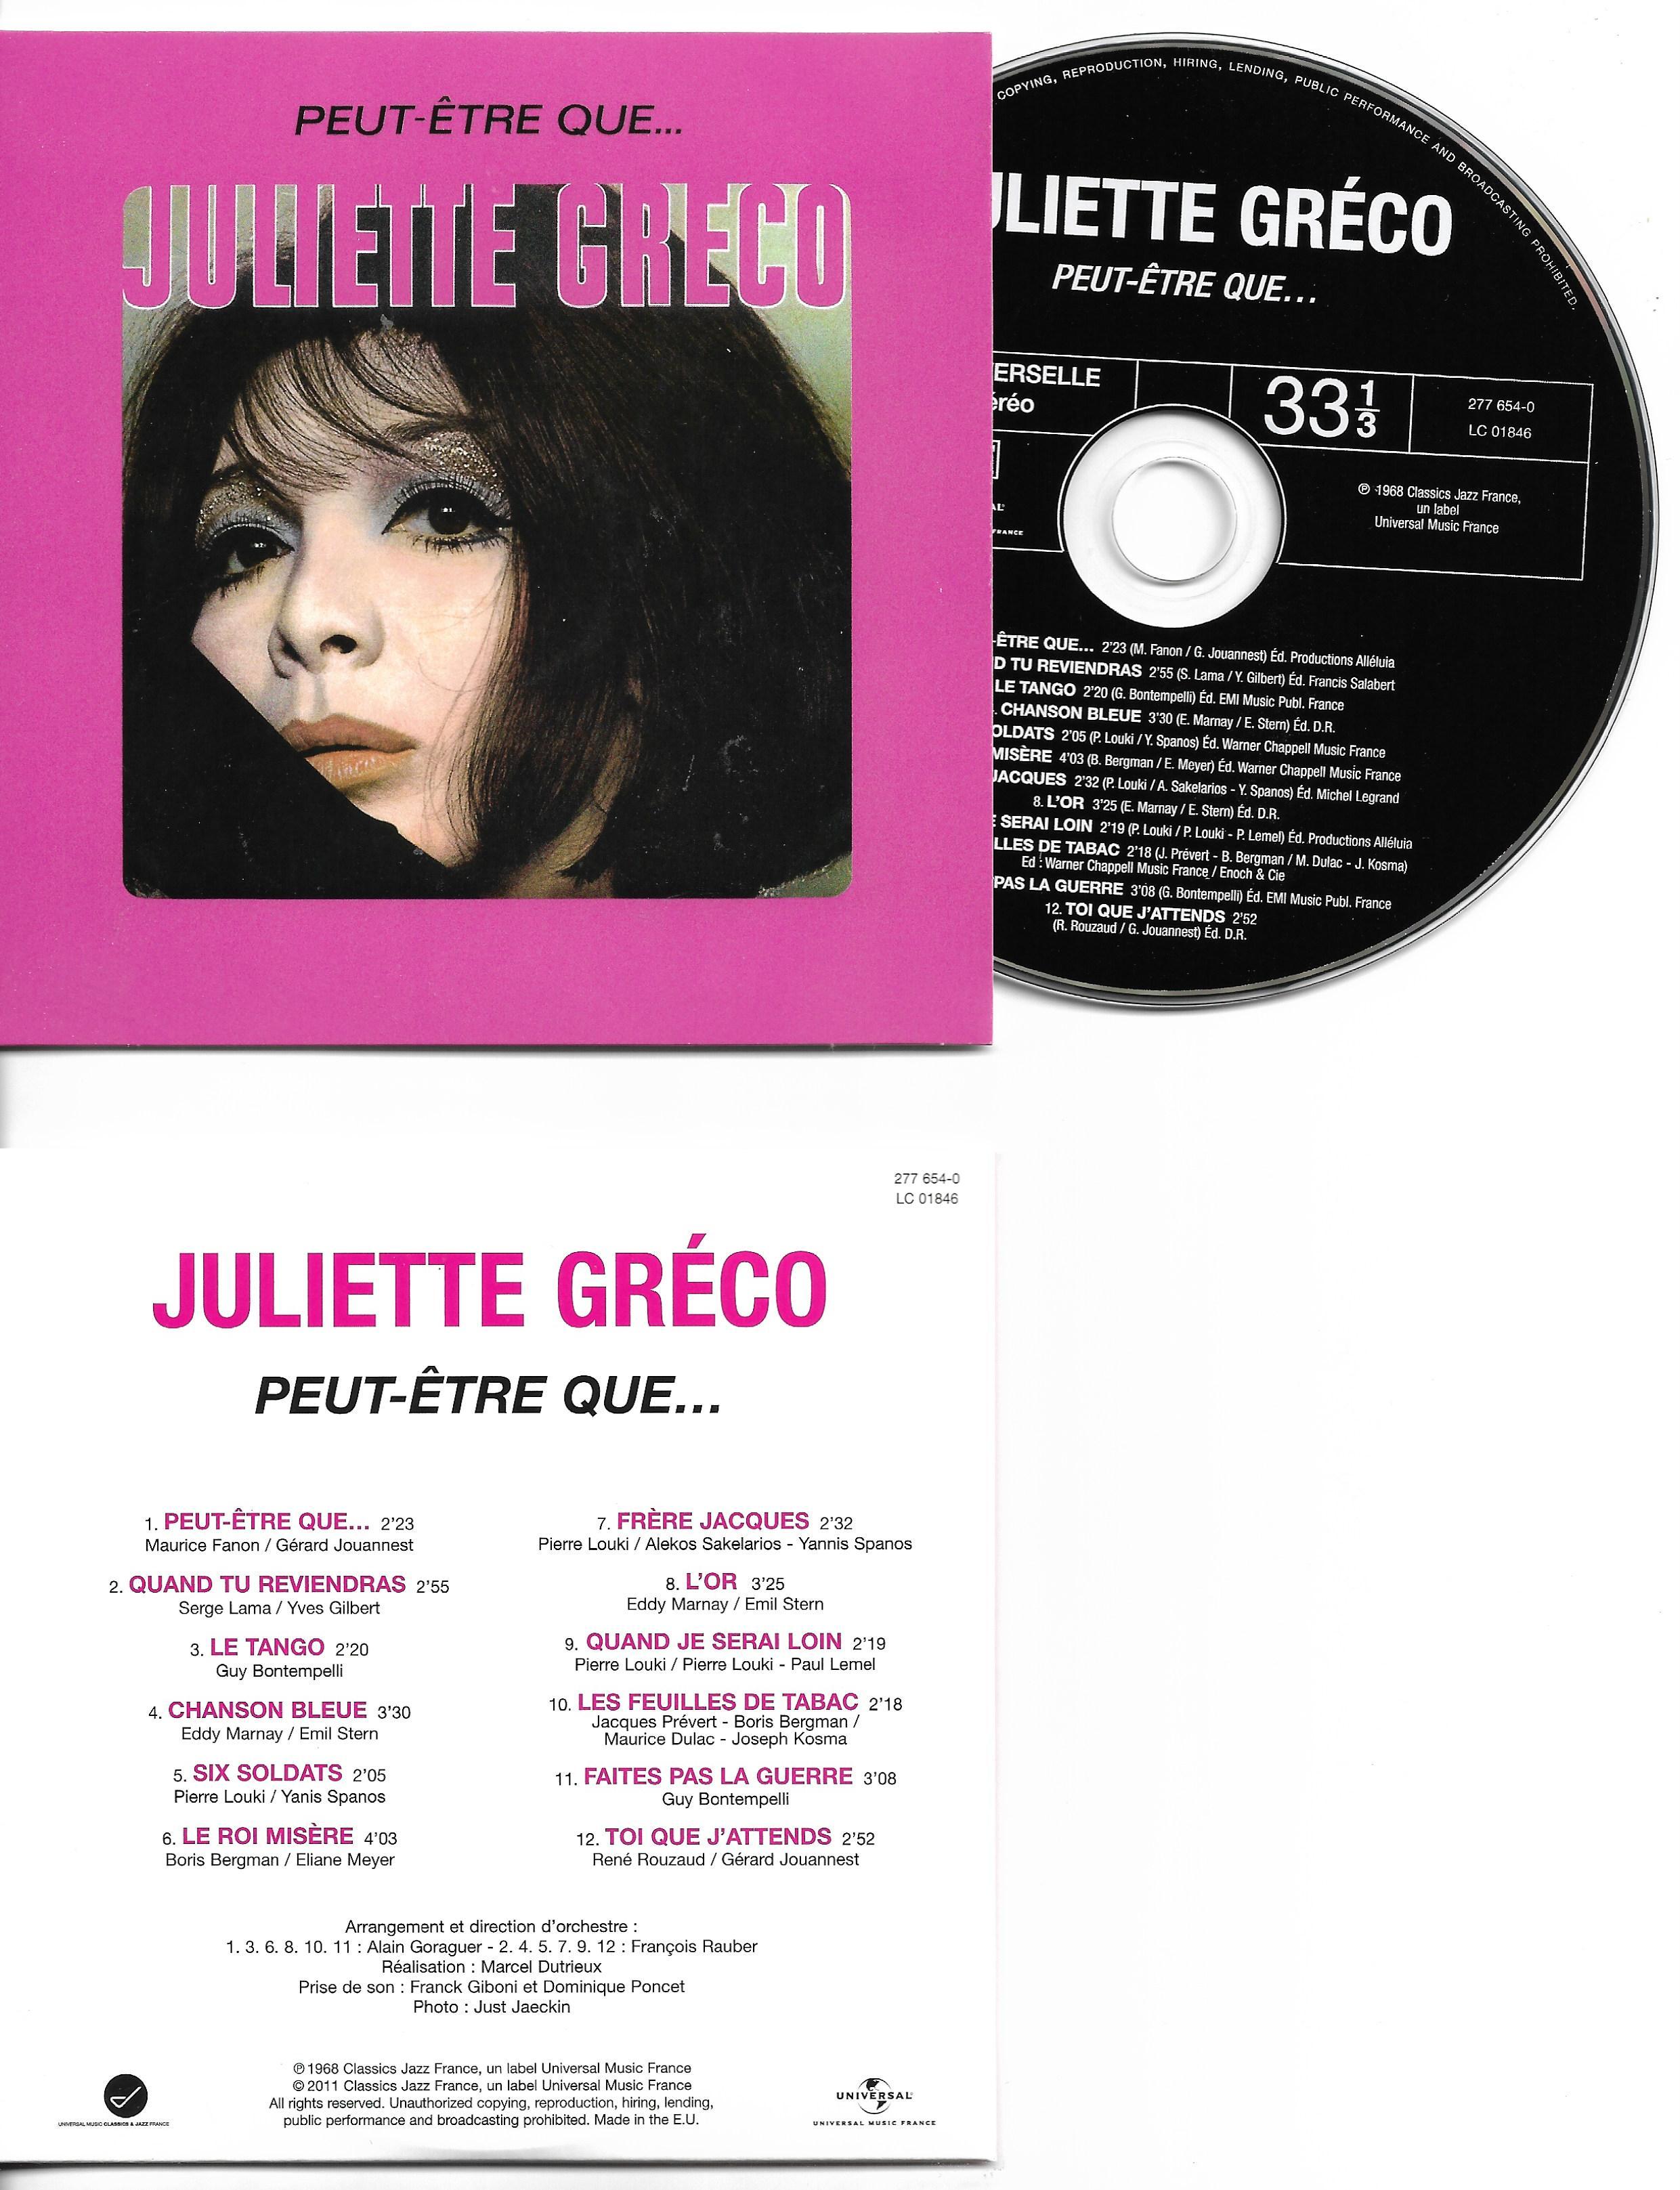 JULIETTE GRÉCO - Peut-être que... - Mini LP - 12-TRACK CARD SLEEVE - 12 Titres pochette Cartonnée - CD